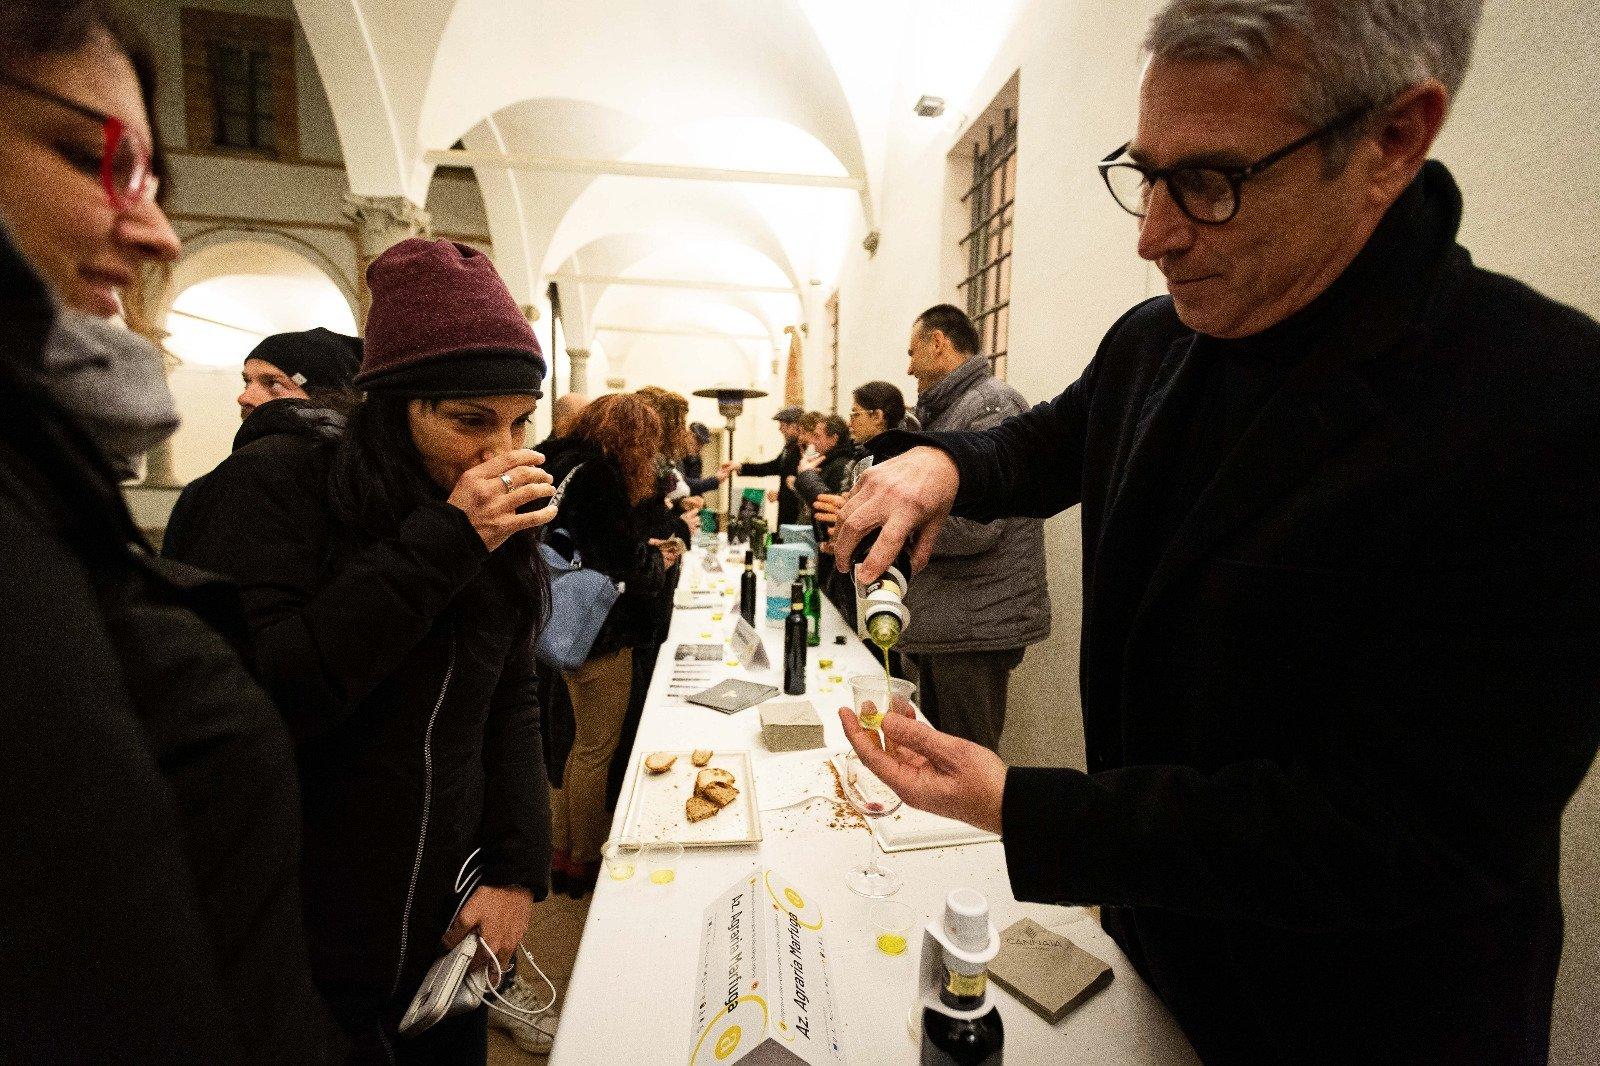 L'Anteprima dell'olio Dop Umbria